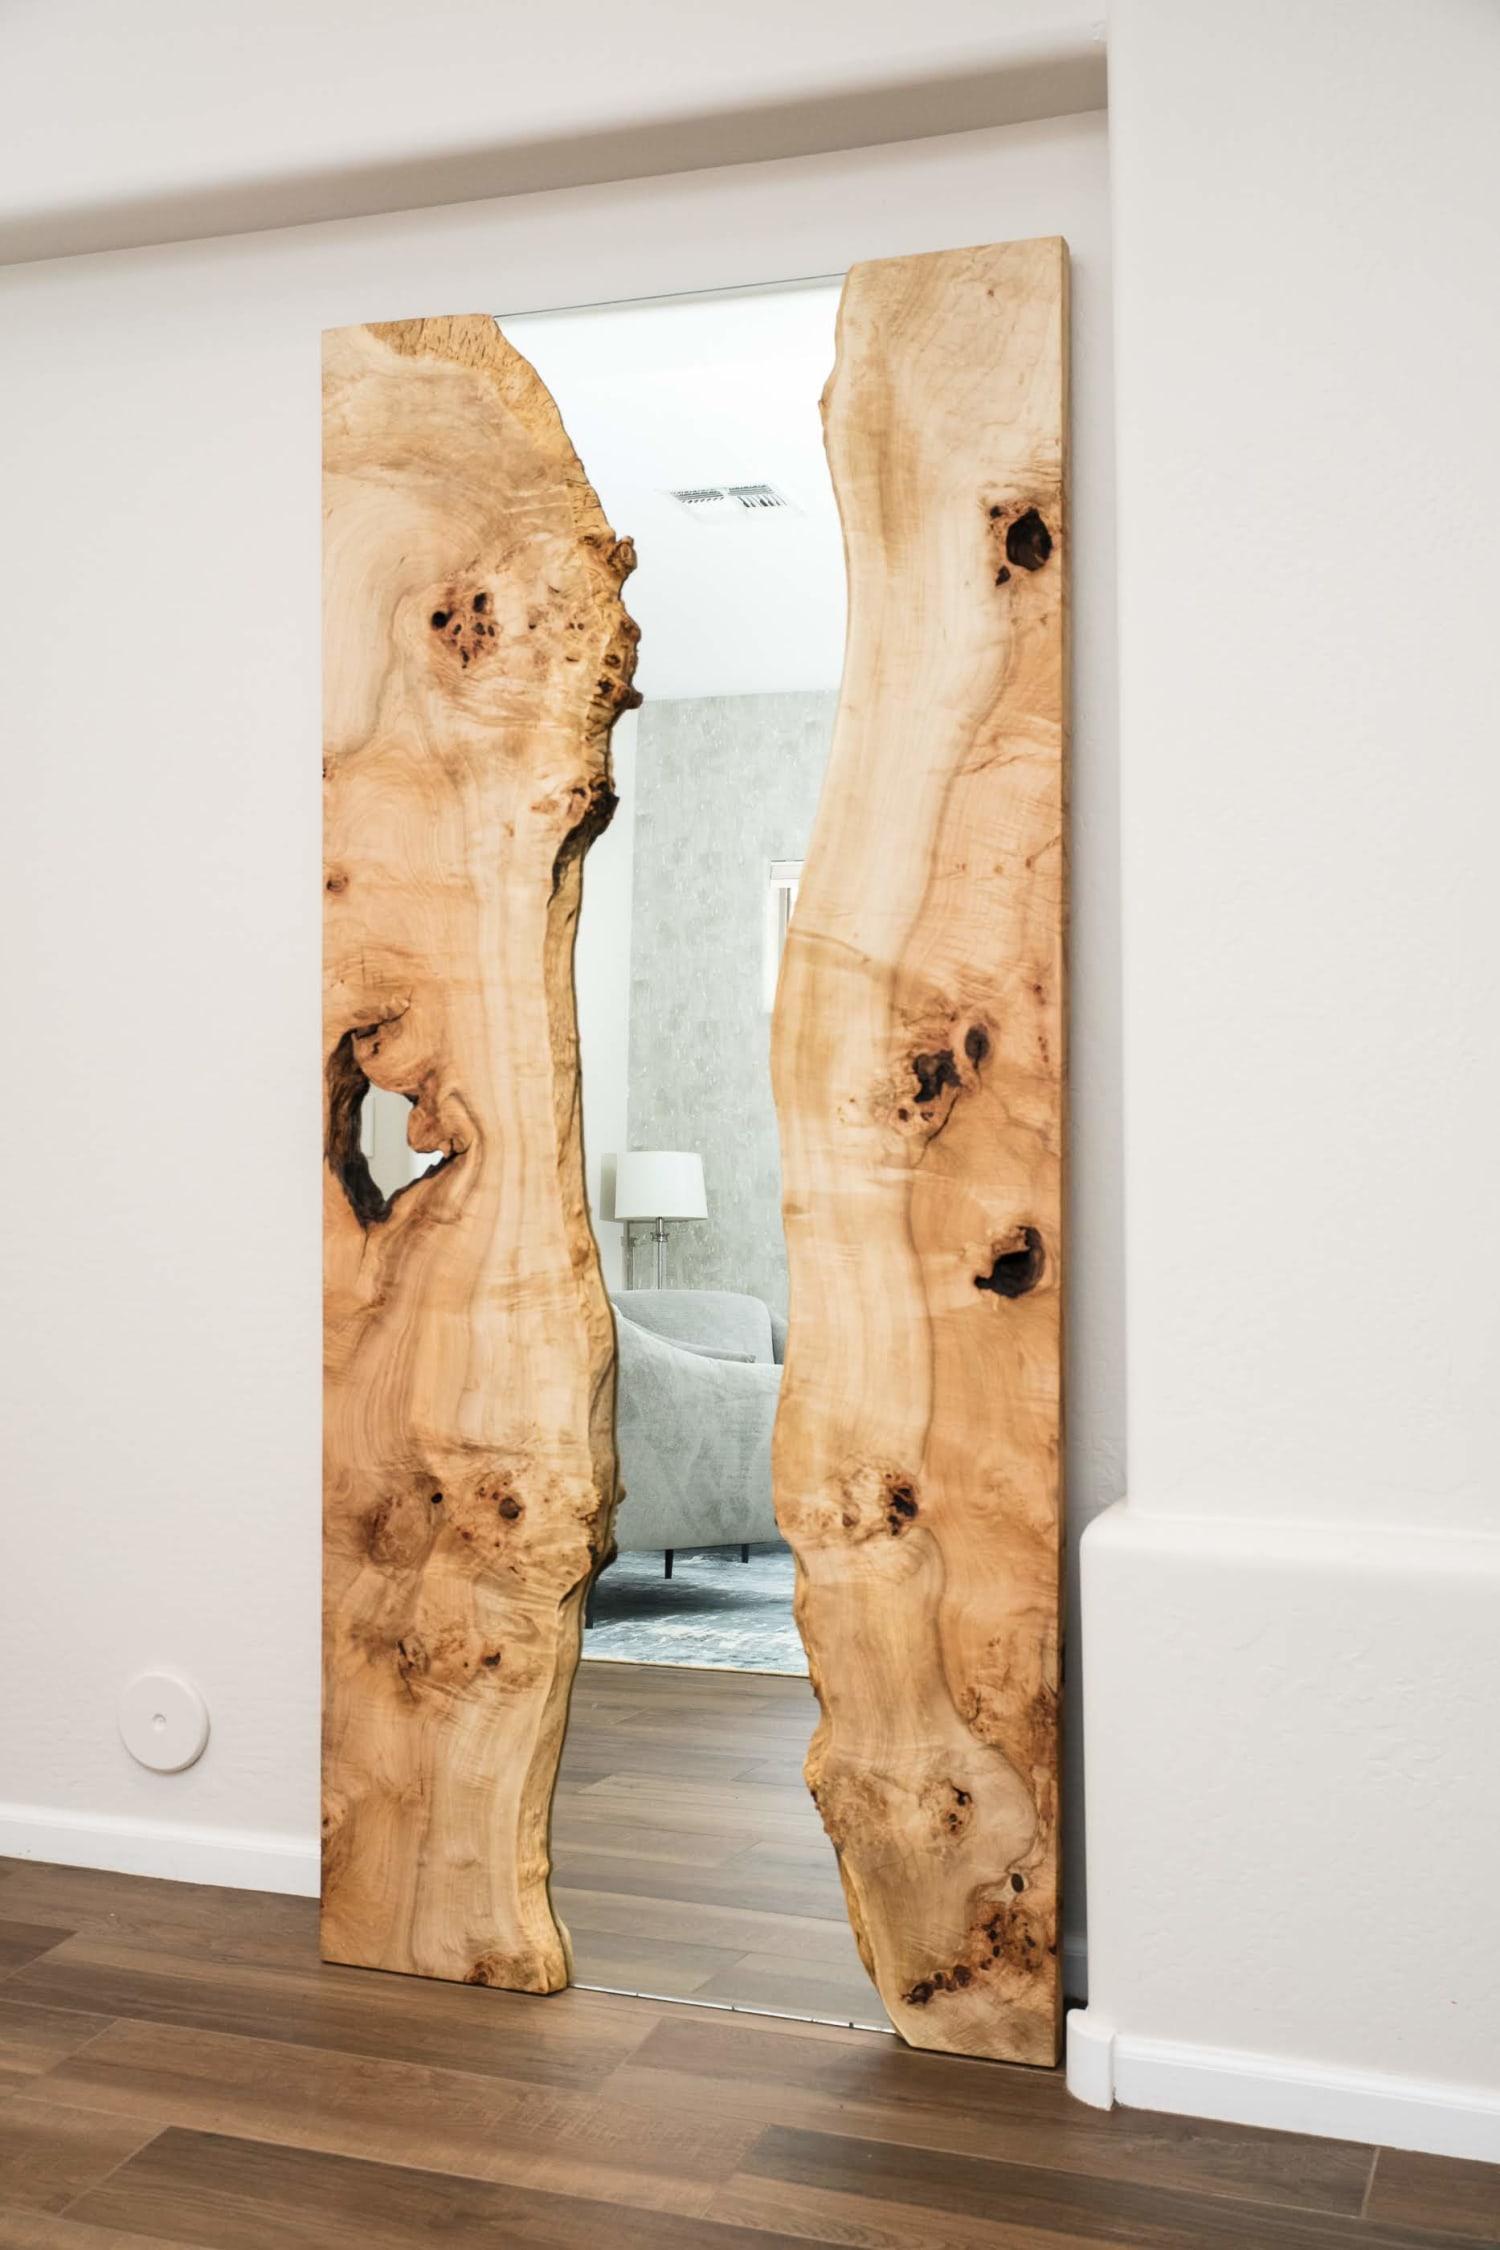 River design wooden mirror